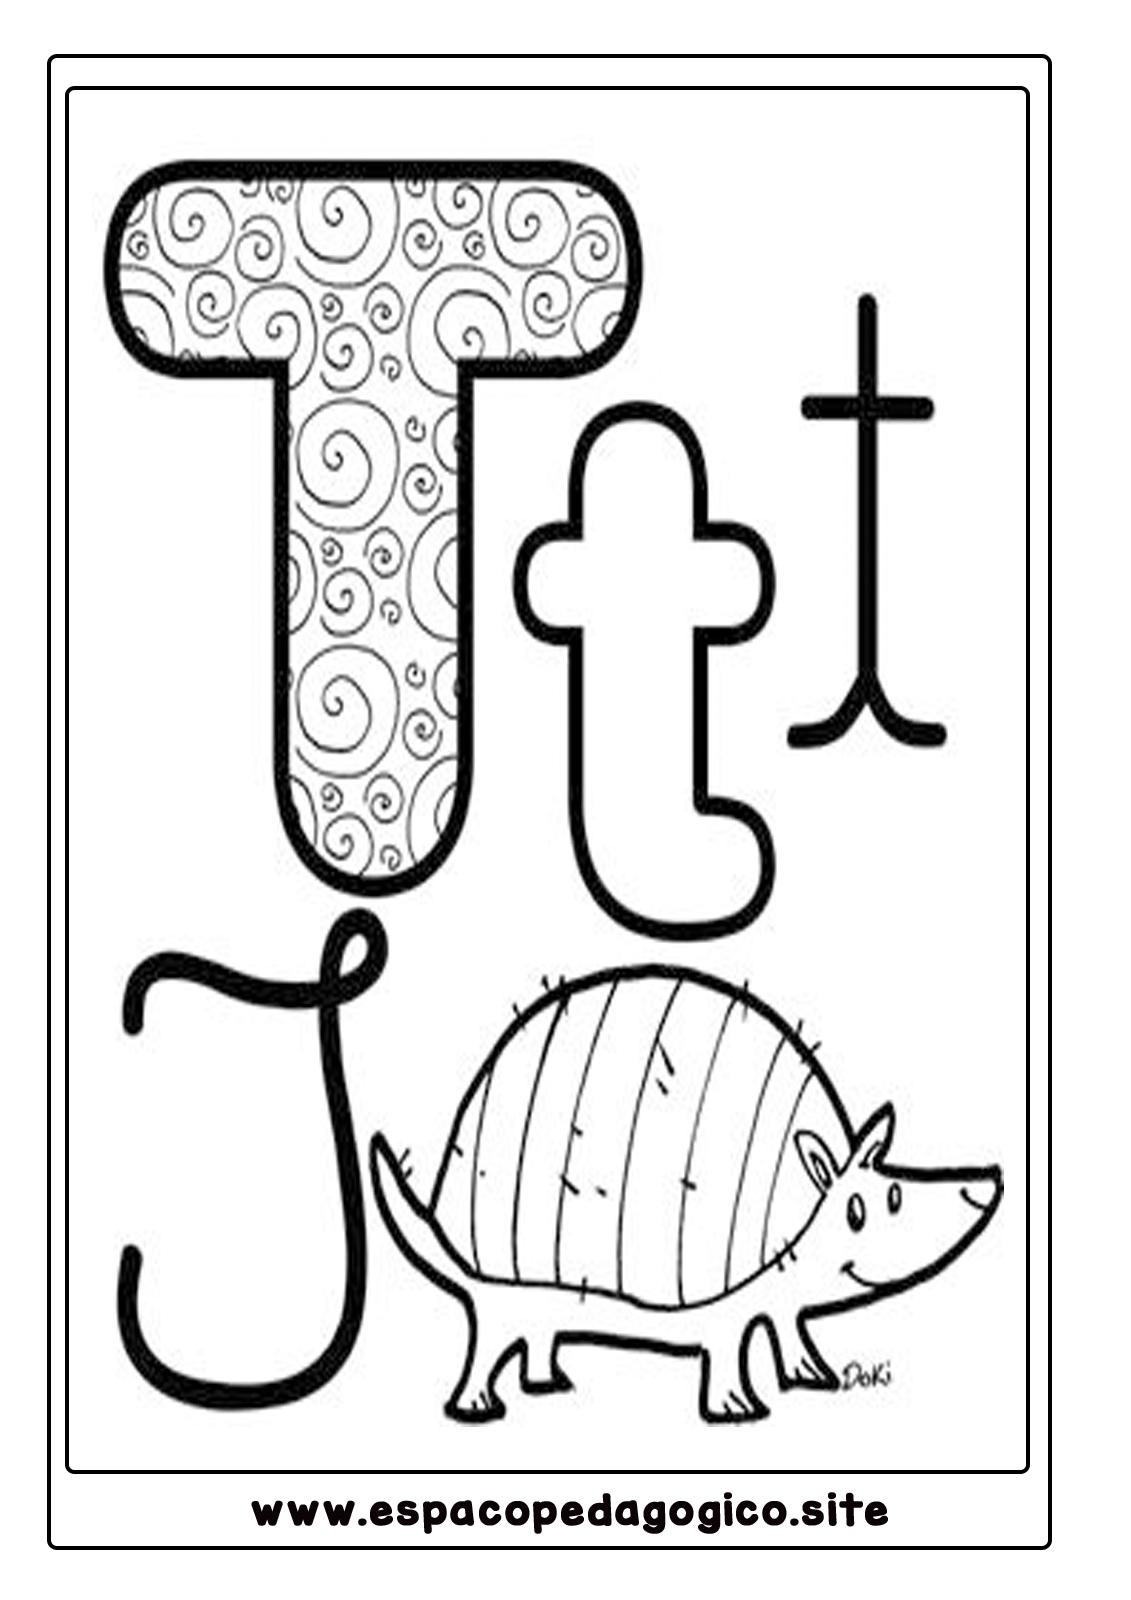 Lindo Alfabeto Ilustrado Para Colorir Pintar Imprimir Espaco